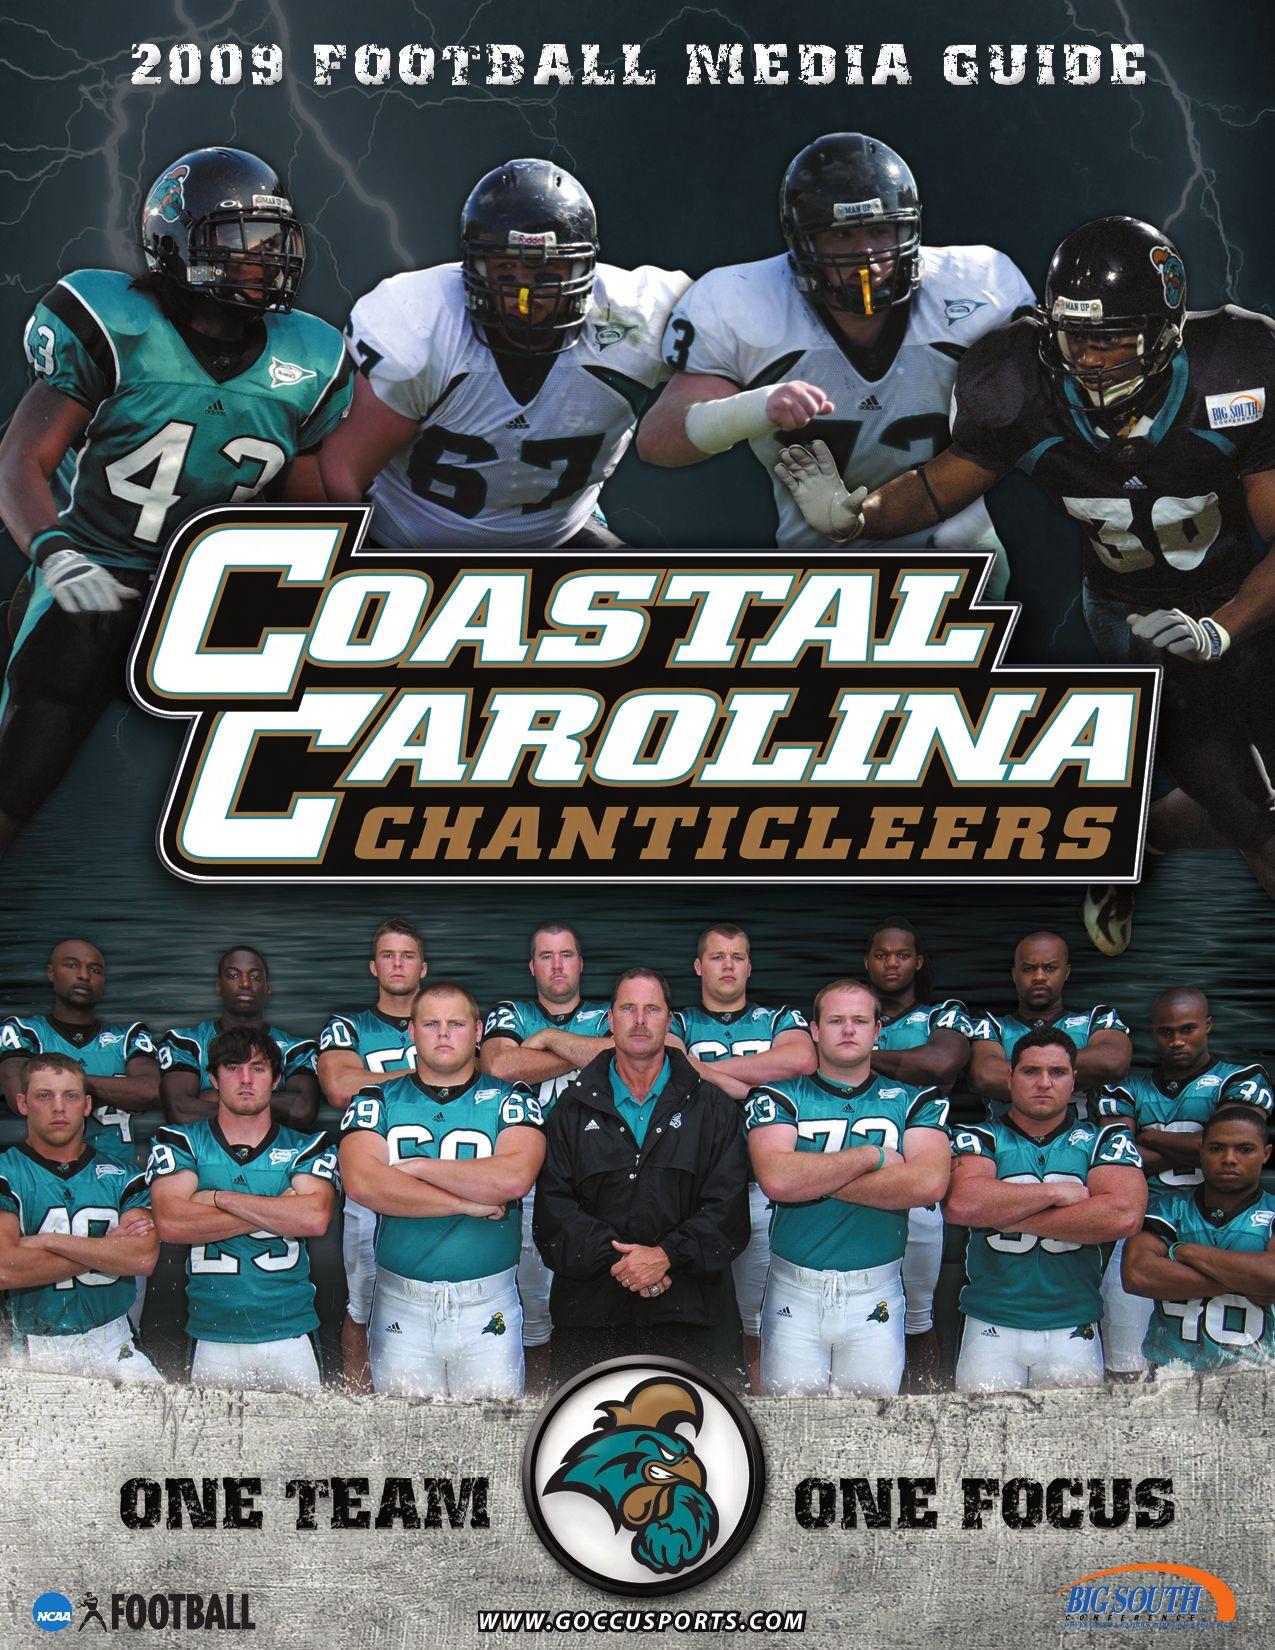 2009 Coastal Carolina University Football Media Guide By Coastal Carolina University Athletics Issuu